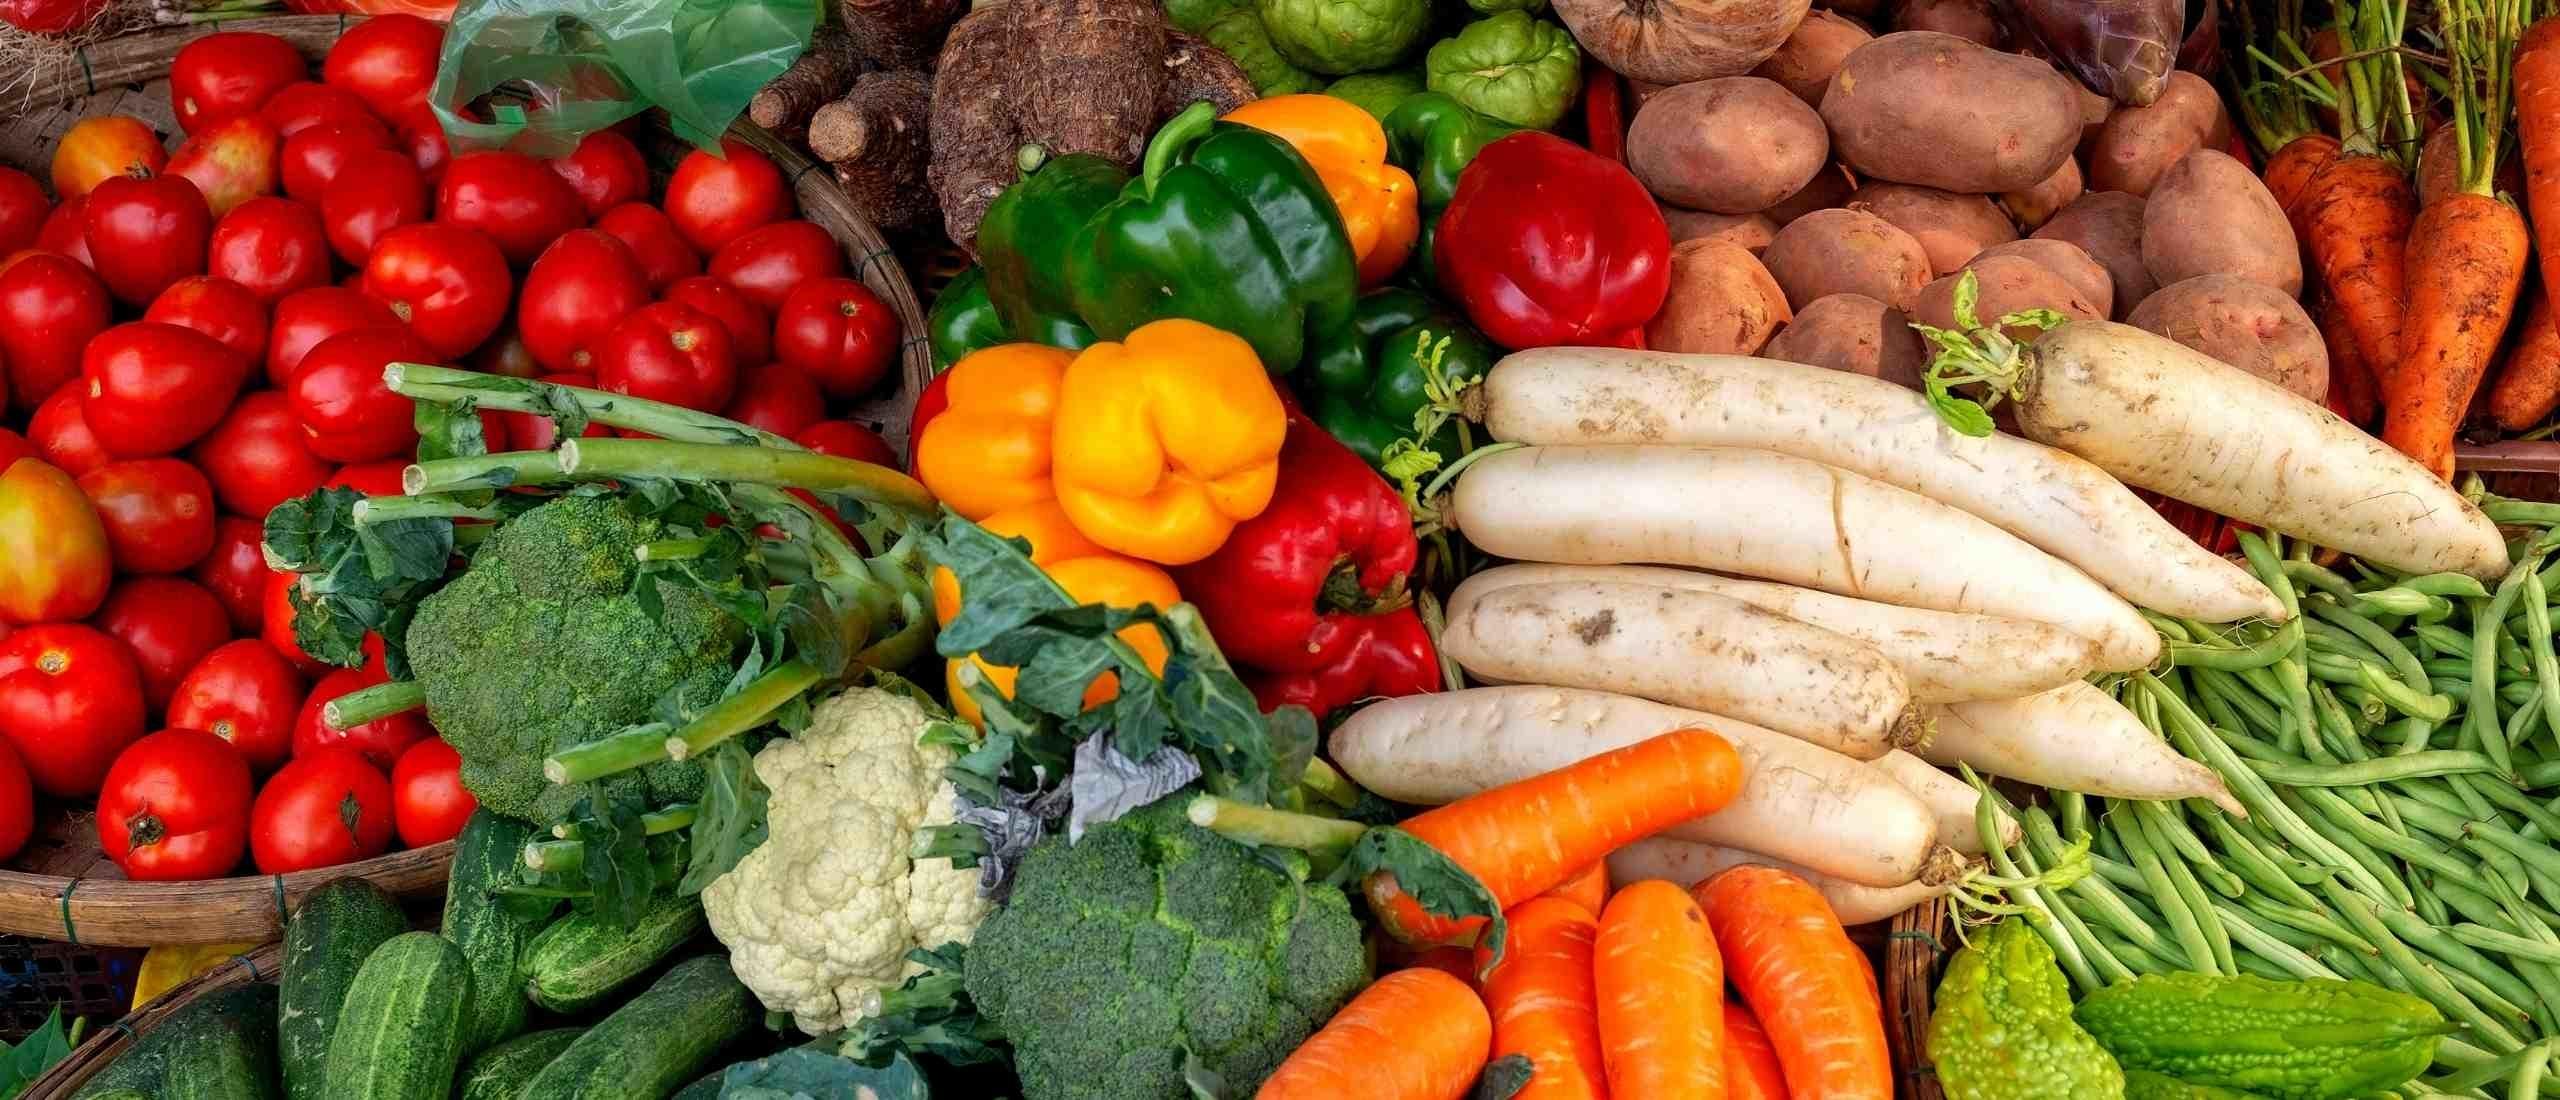 Veganistische maaltijdbox - de vegan box tip van de week